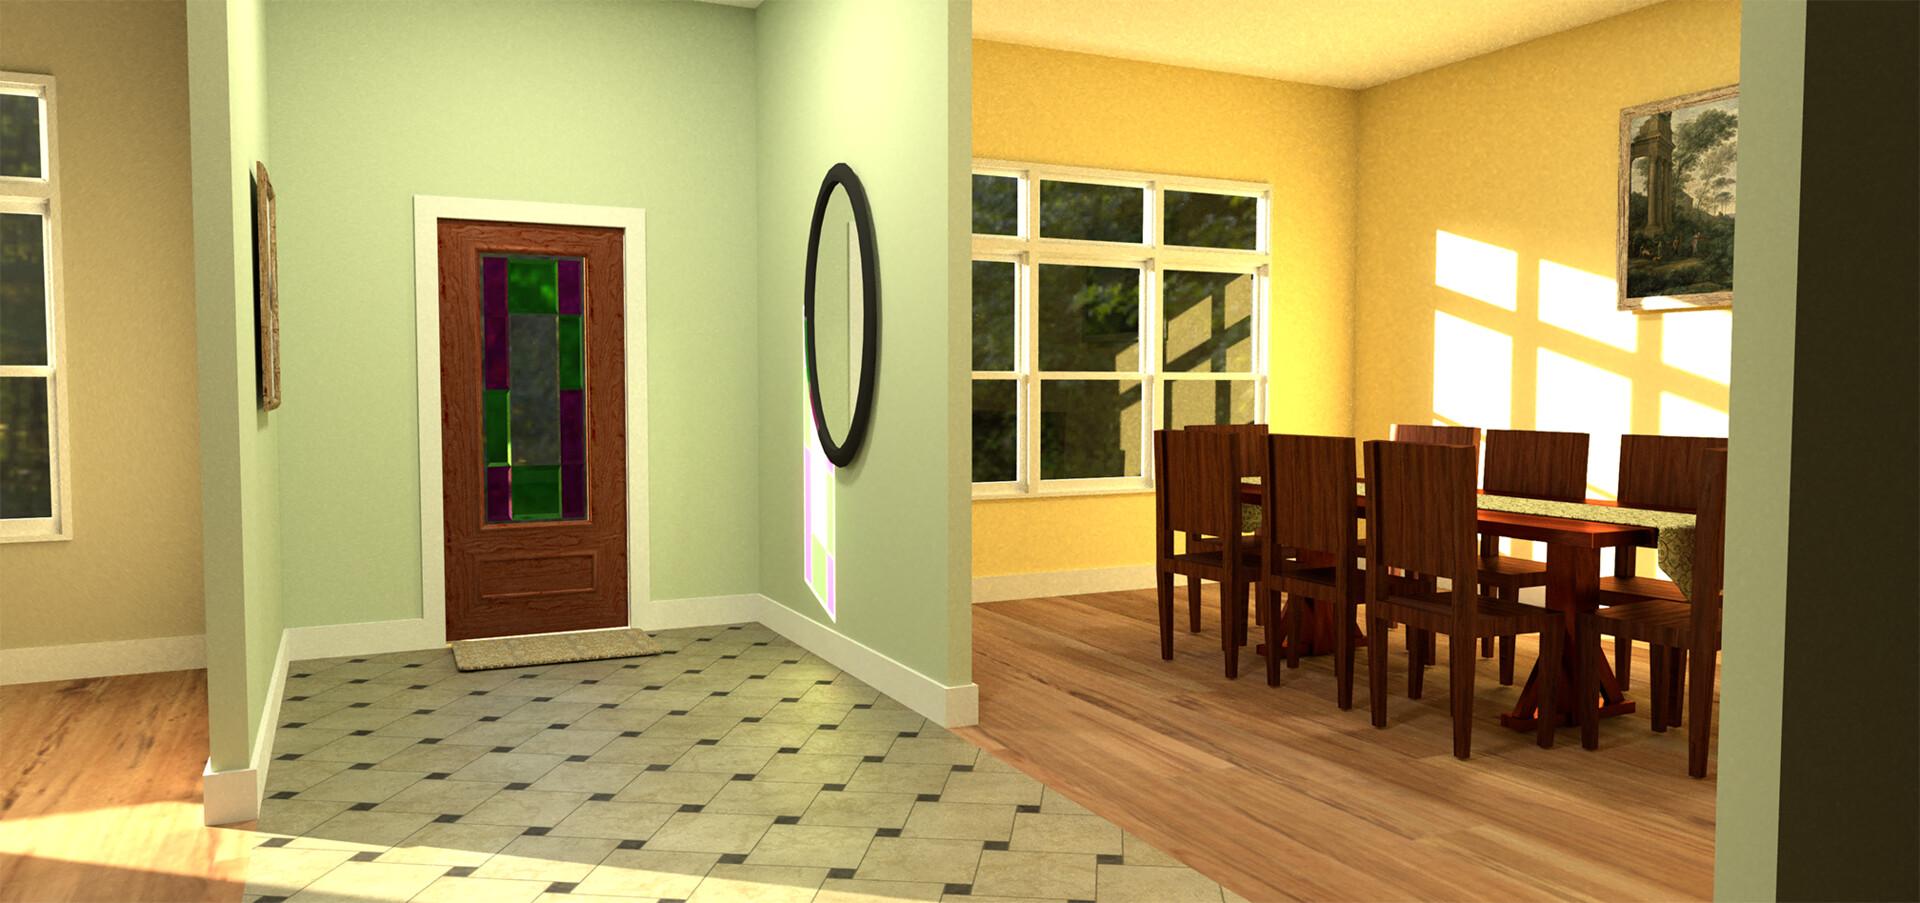 Micah peterson interior room 3